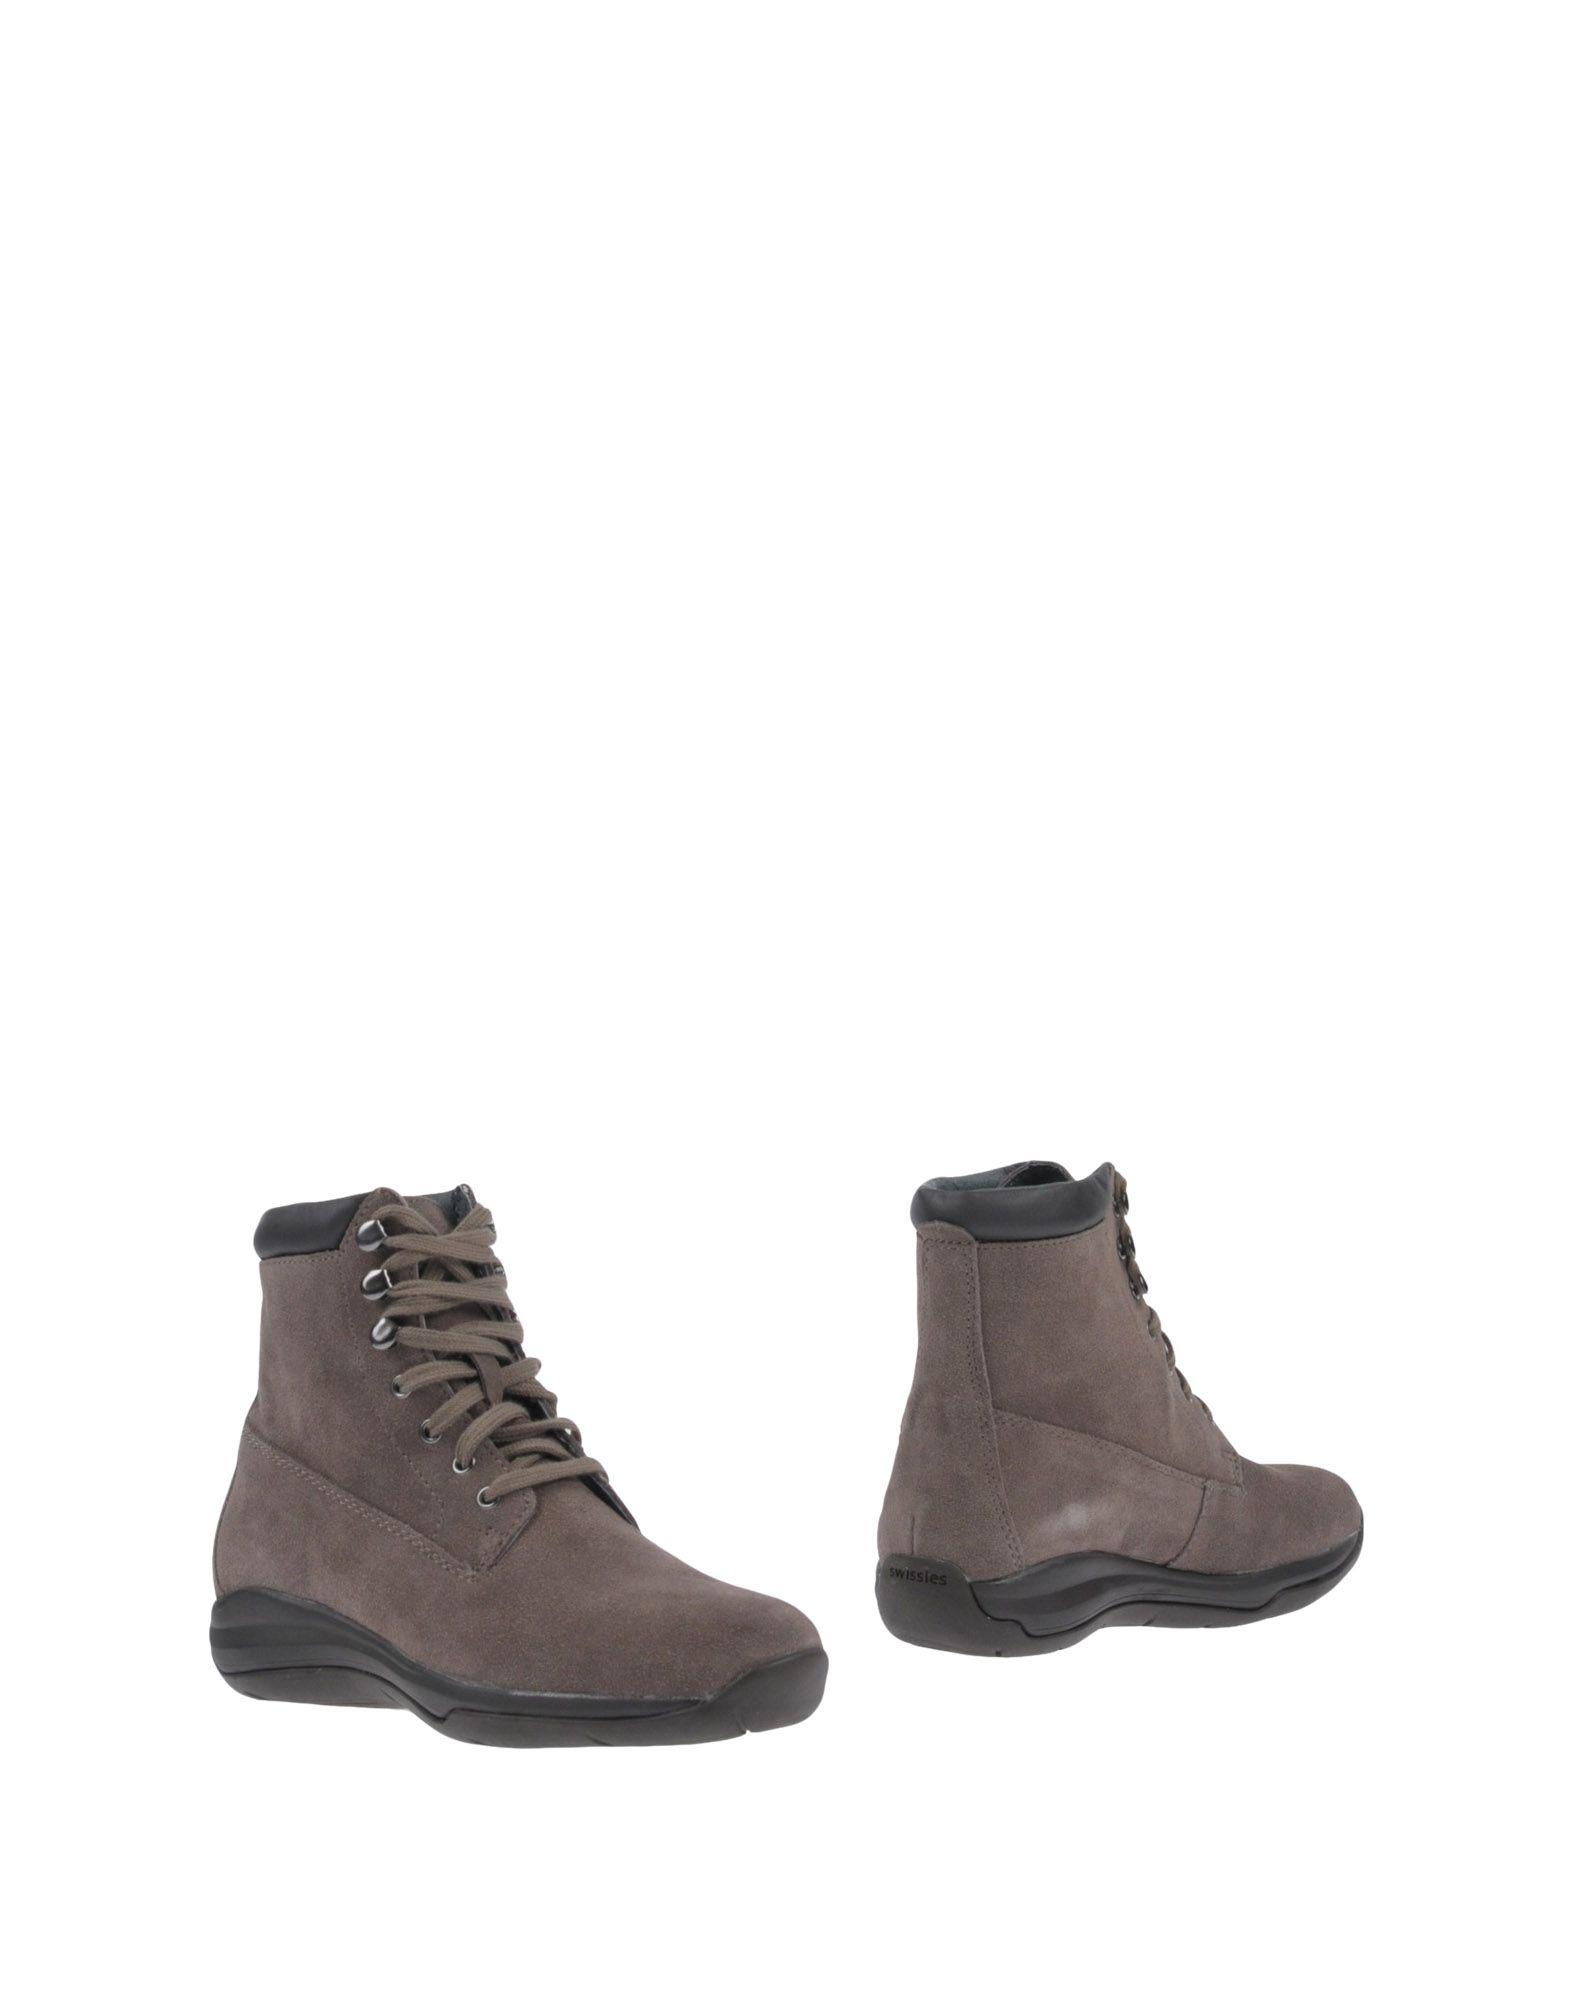 Swissies Stiefelette Damen  11456004GI Gute Qualität beliebte Schuhe